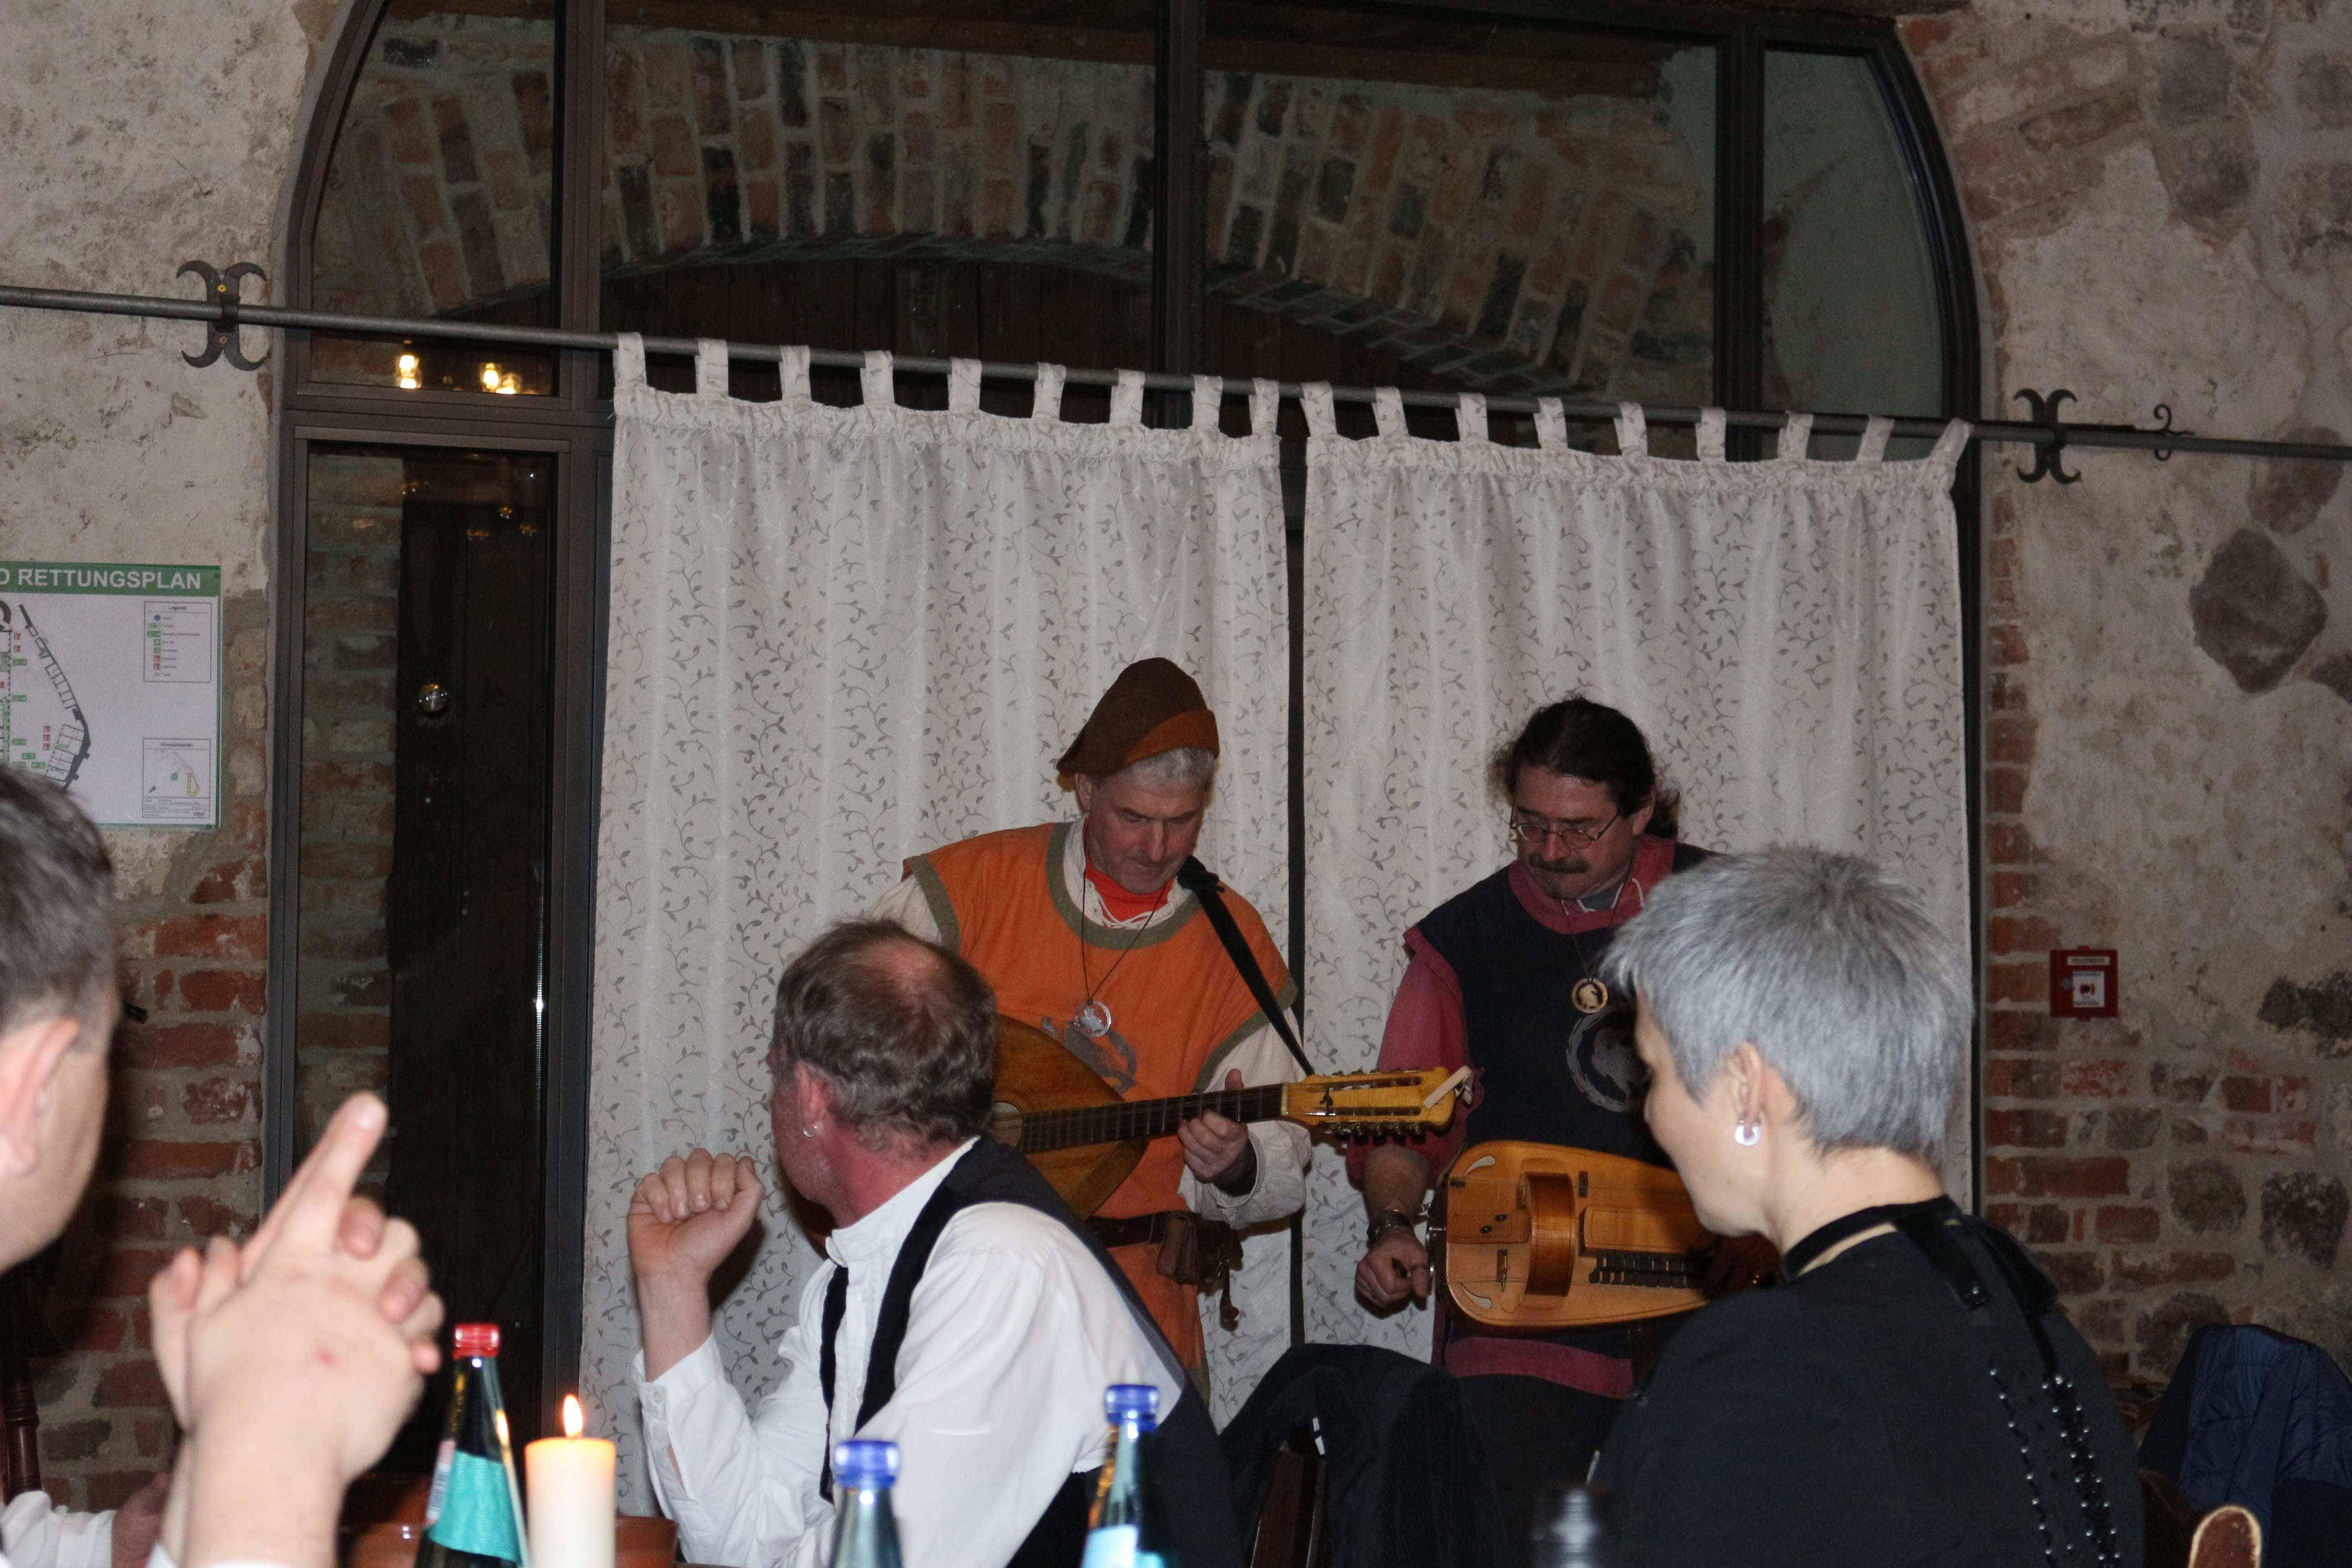 Mittelalterliche Klänge als Zwischengang